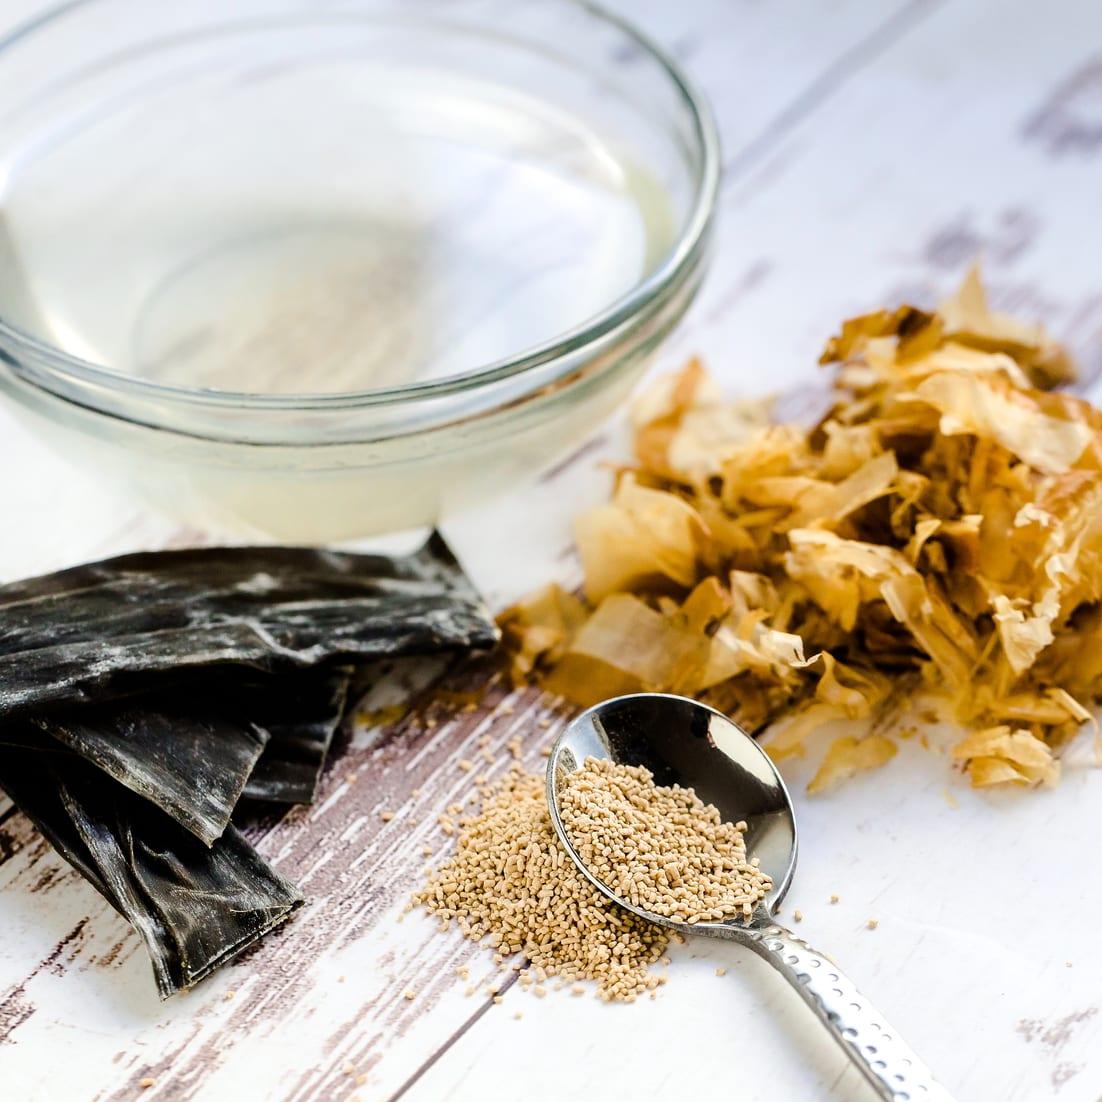 Ingredients for Japanese dashi broth